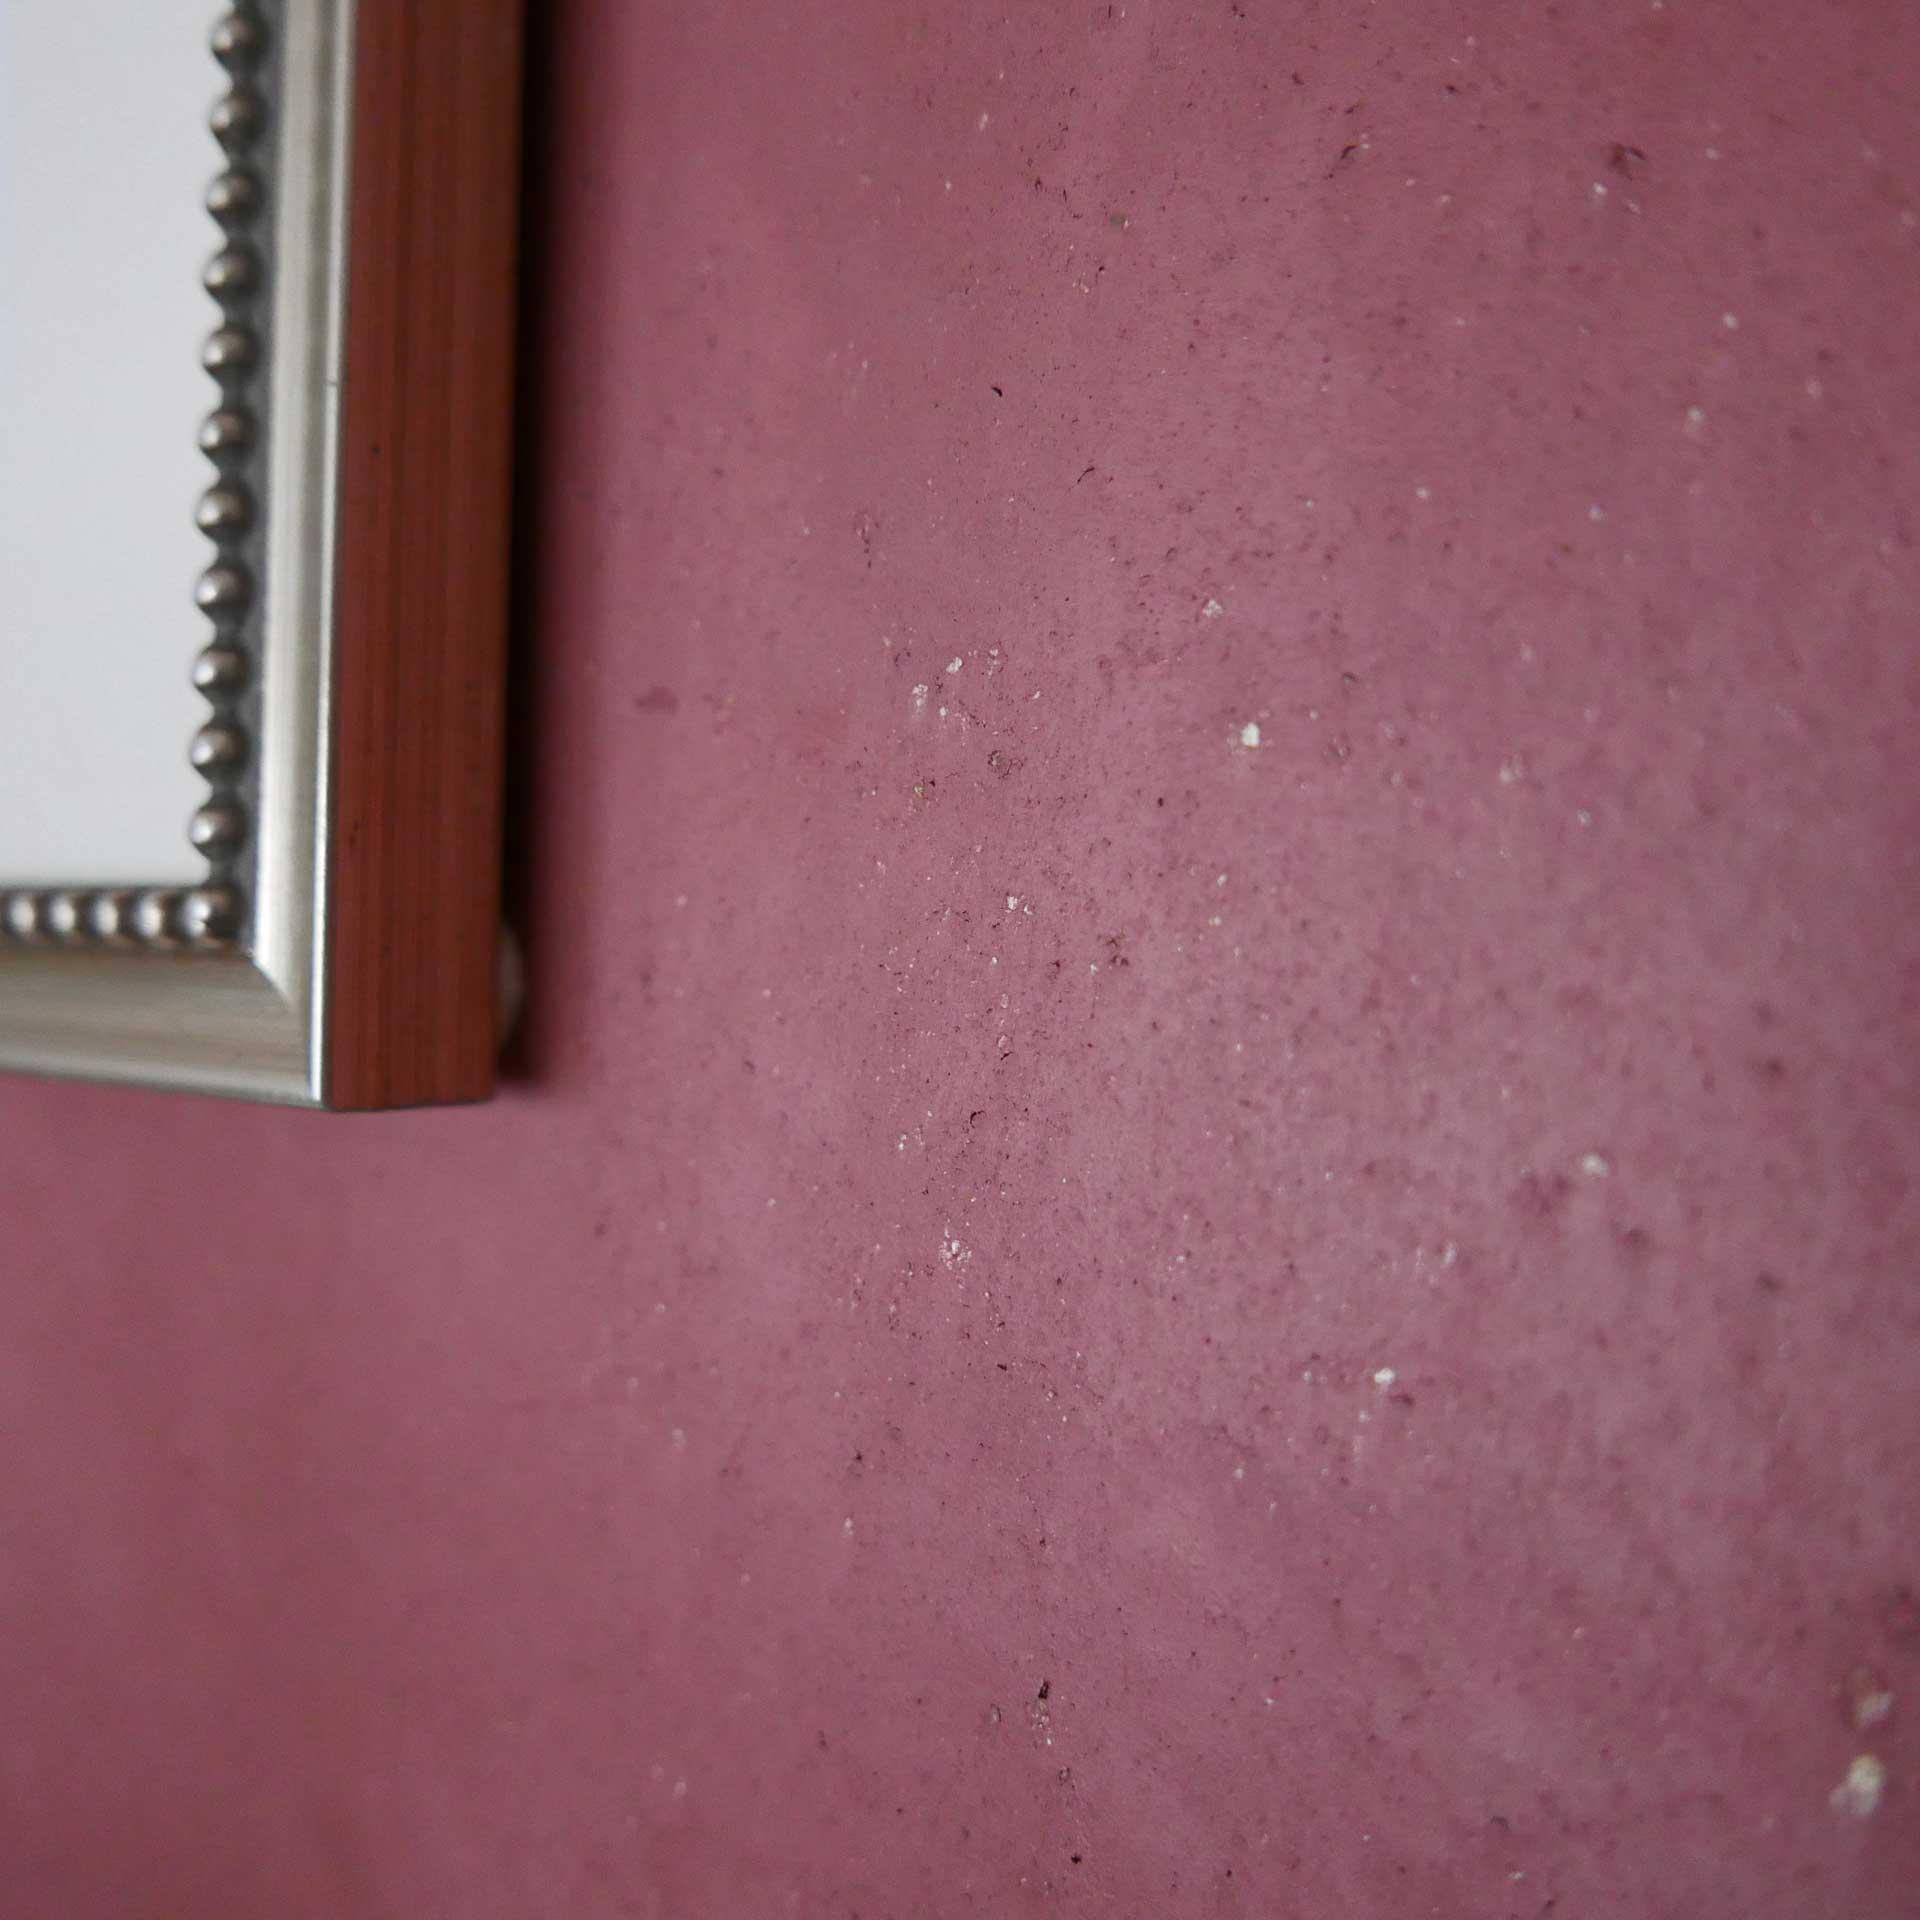 KalkManufaktur Premium Sumpfkalk Marmorputz individuelle Ausführung nach Kundenwunsch